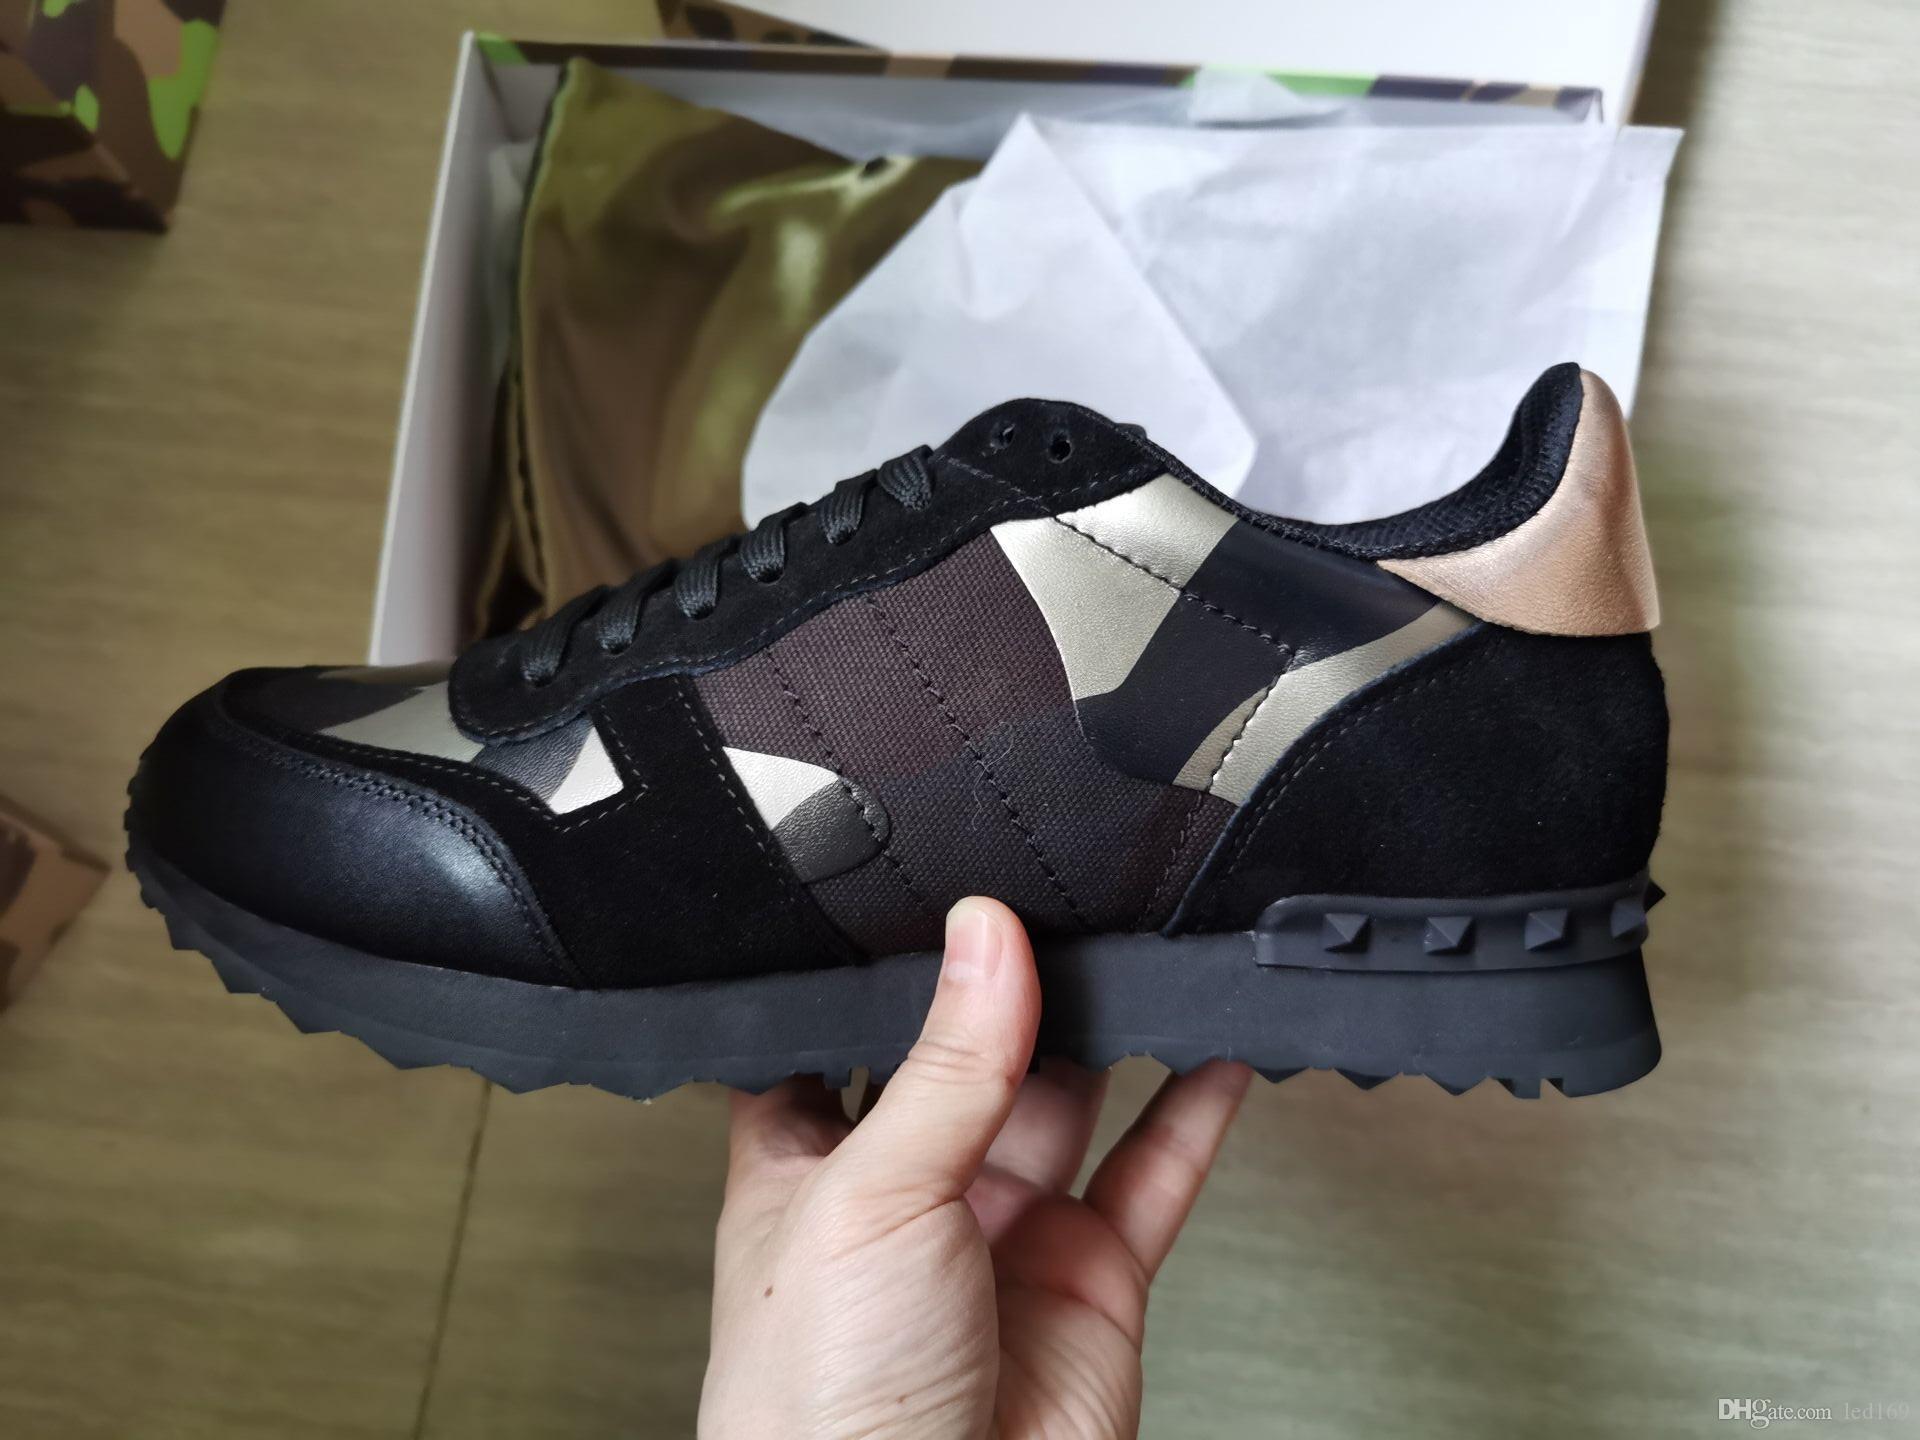 Hombres Mujeres tachonado estrella zapatos de la marca de malla de cuero tachonado zapatos camuflaje Combo estrellas de rock metálico Zapatos Mujer Roca Espárragos